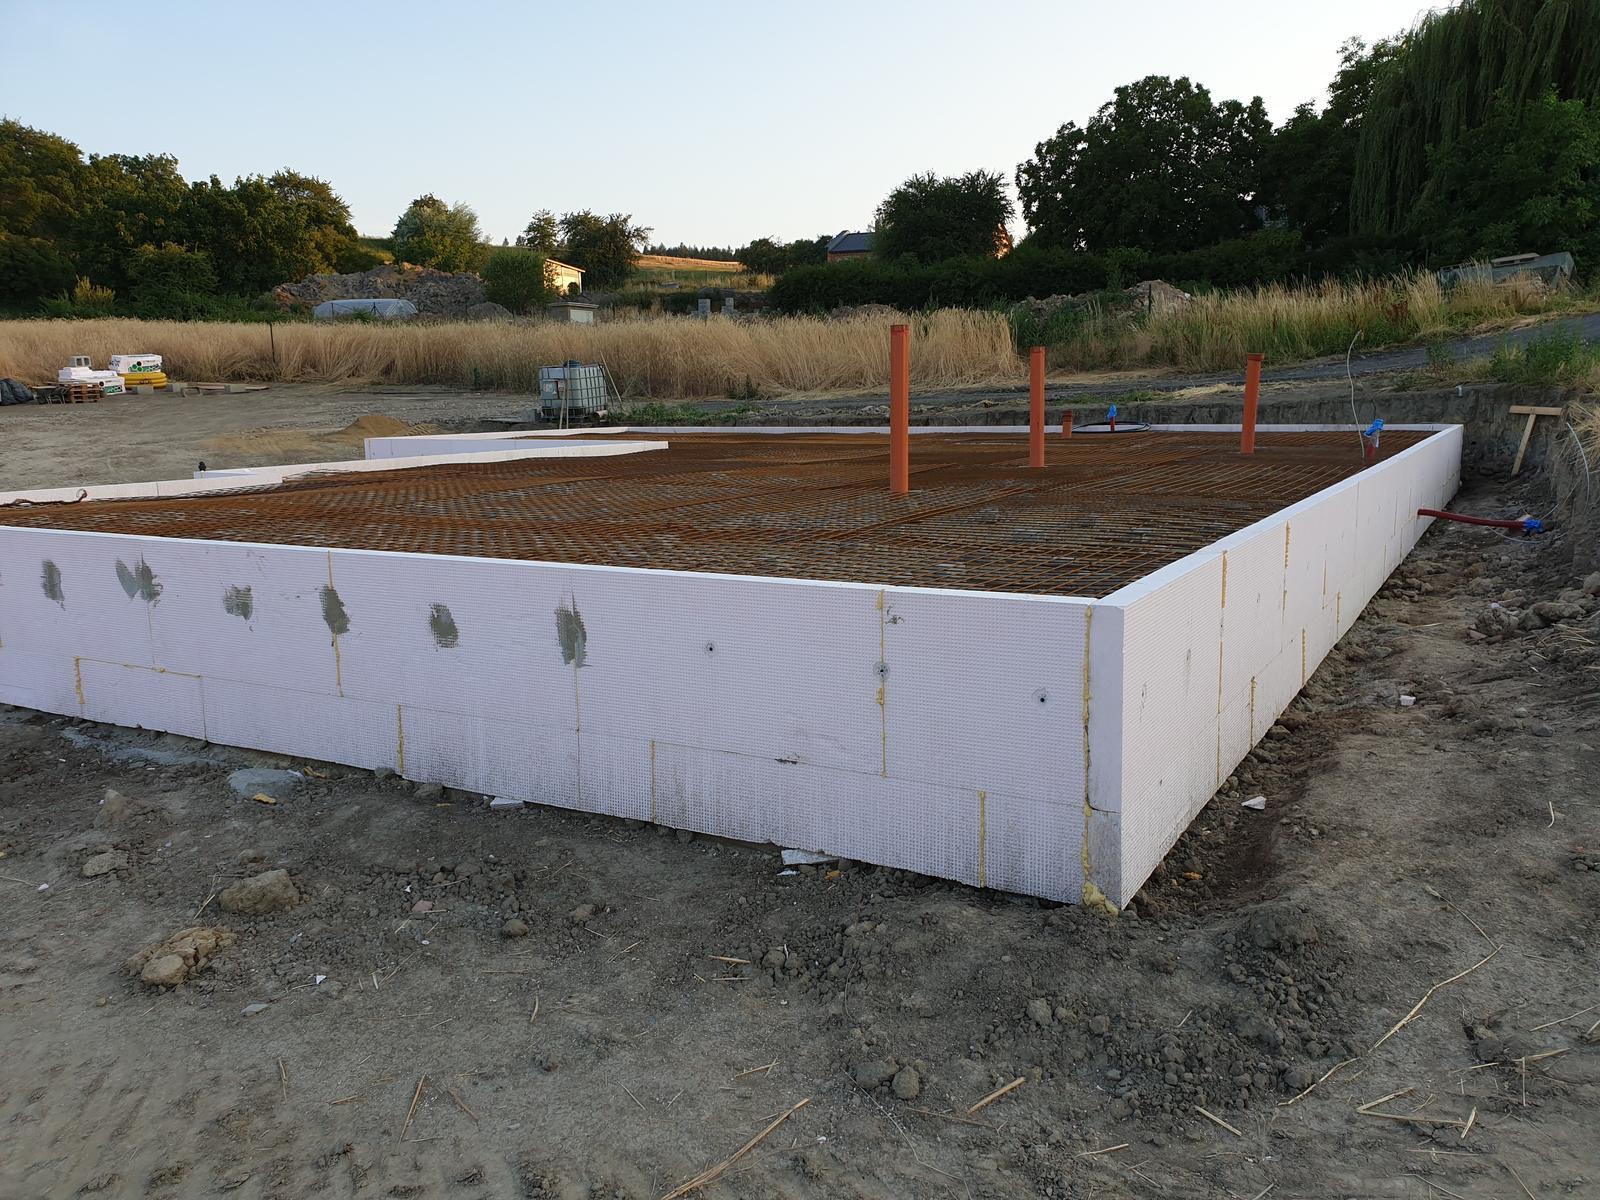 Bungalov s plochou střechou - Obrázek č. 46